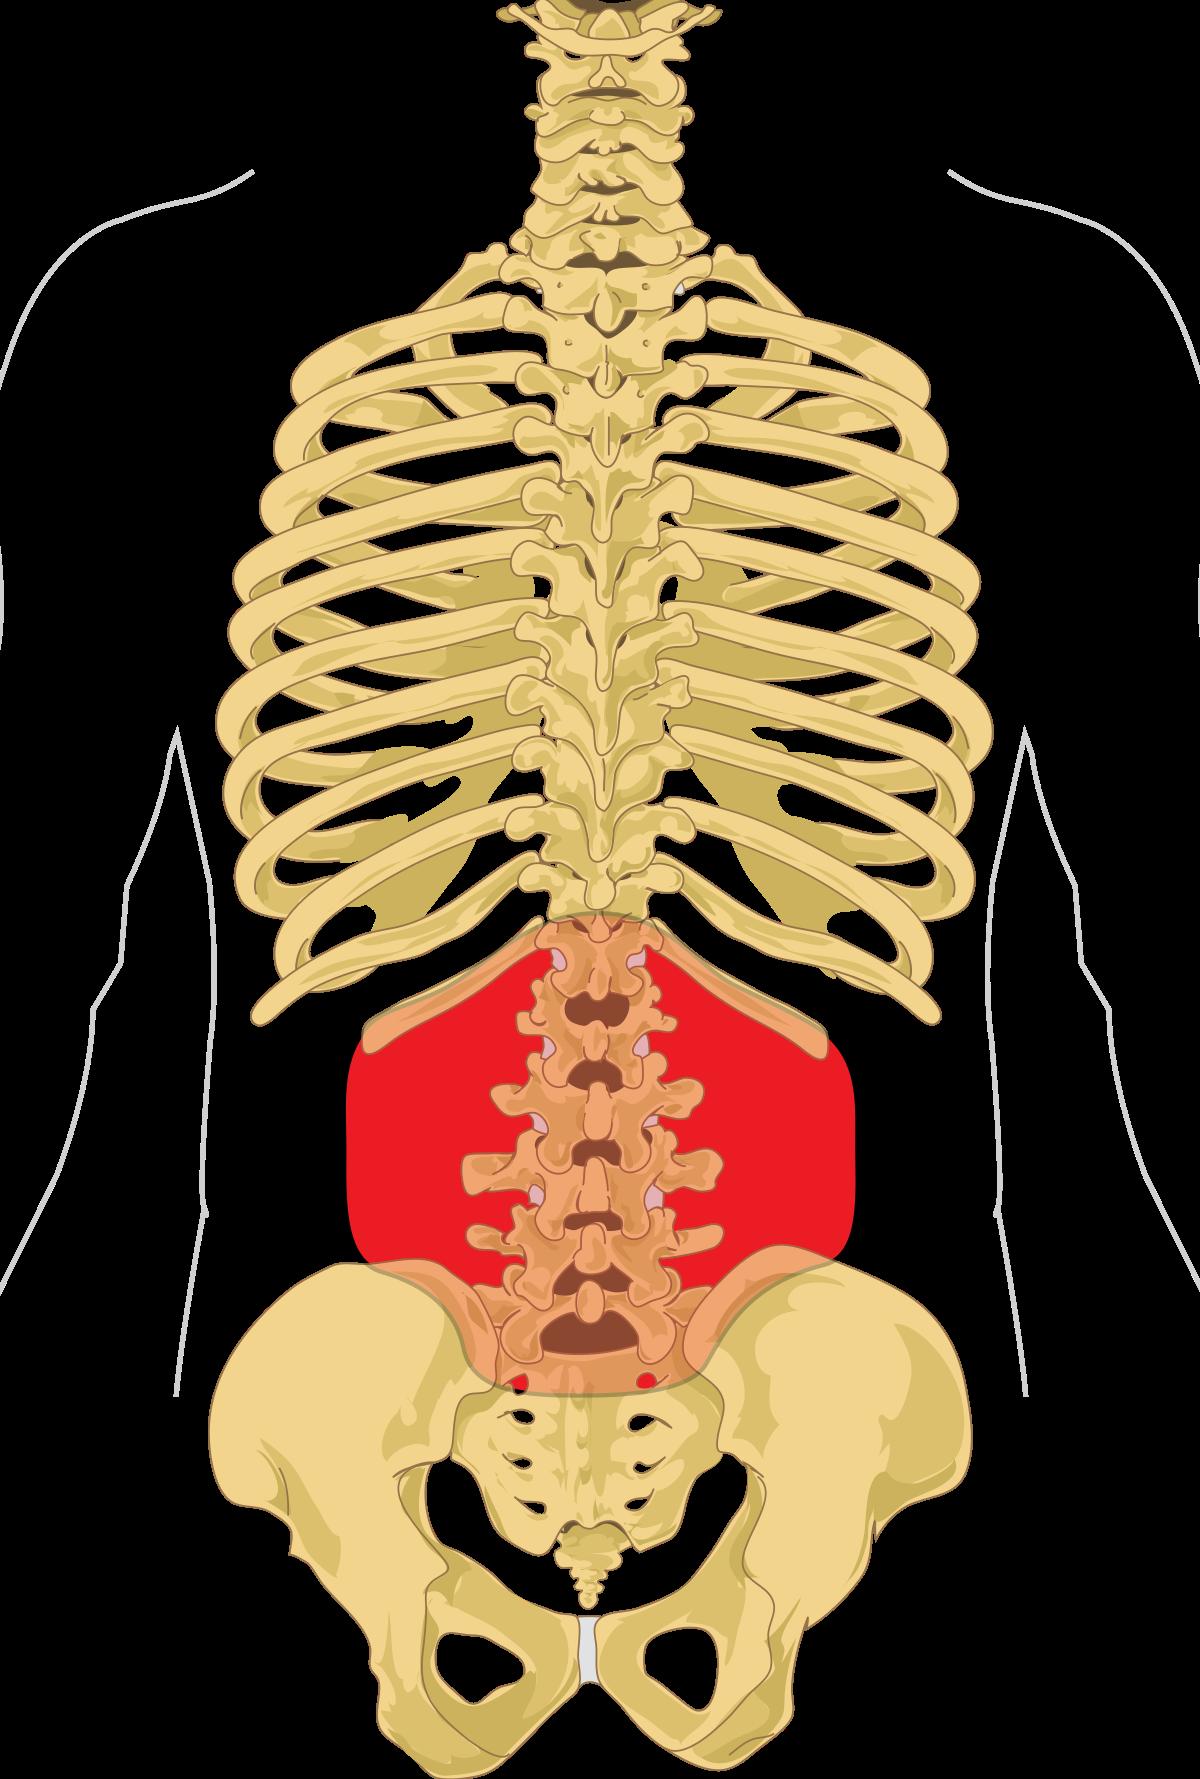 hol kell kezelni a gerinc ízületeit)